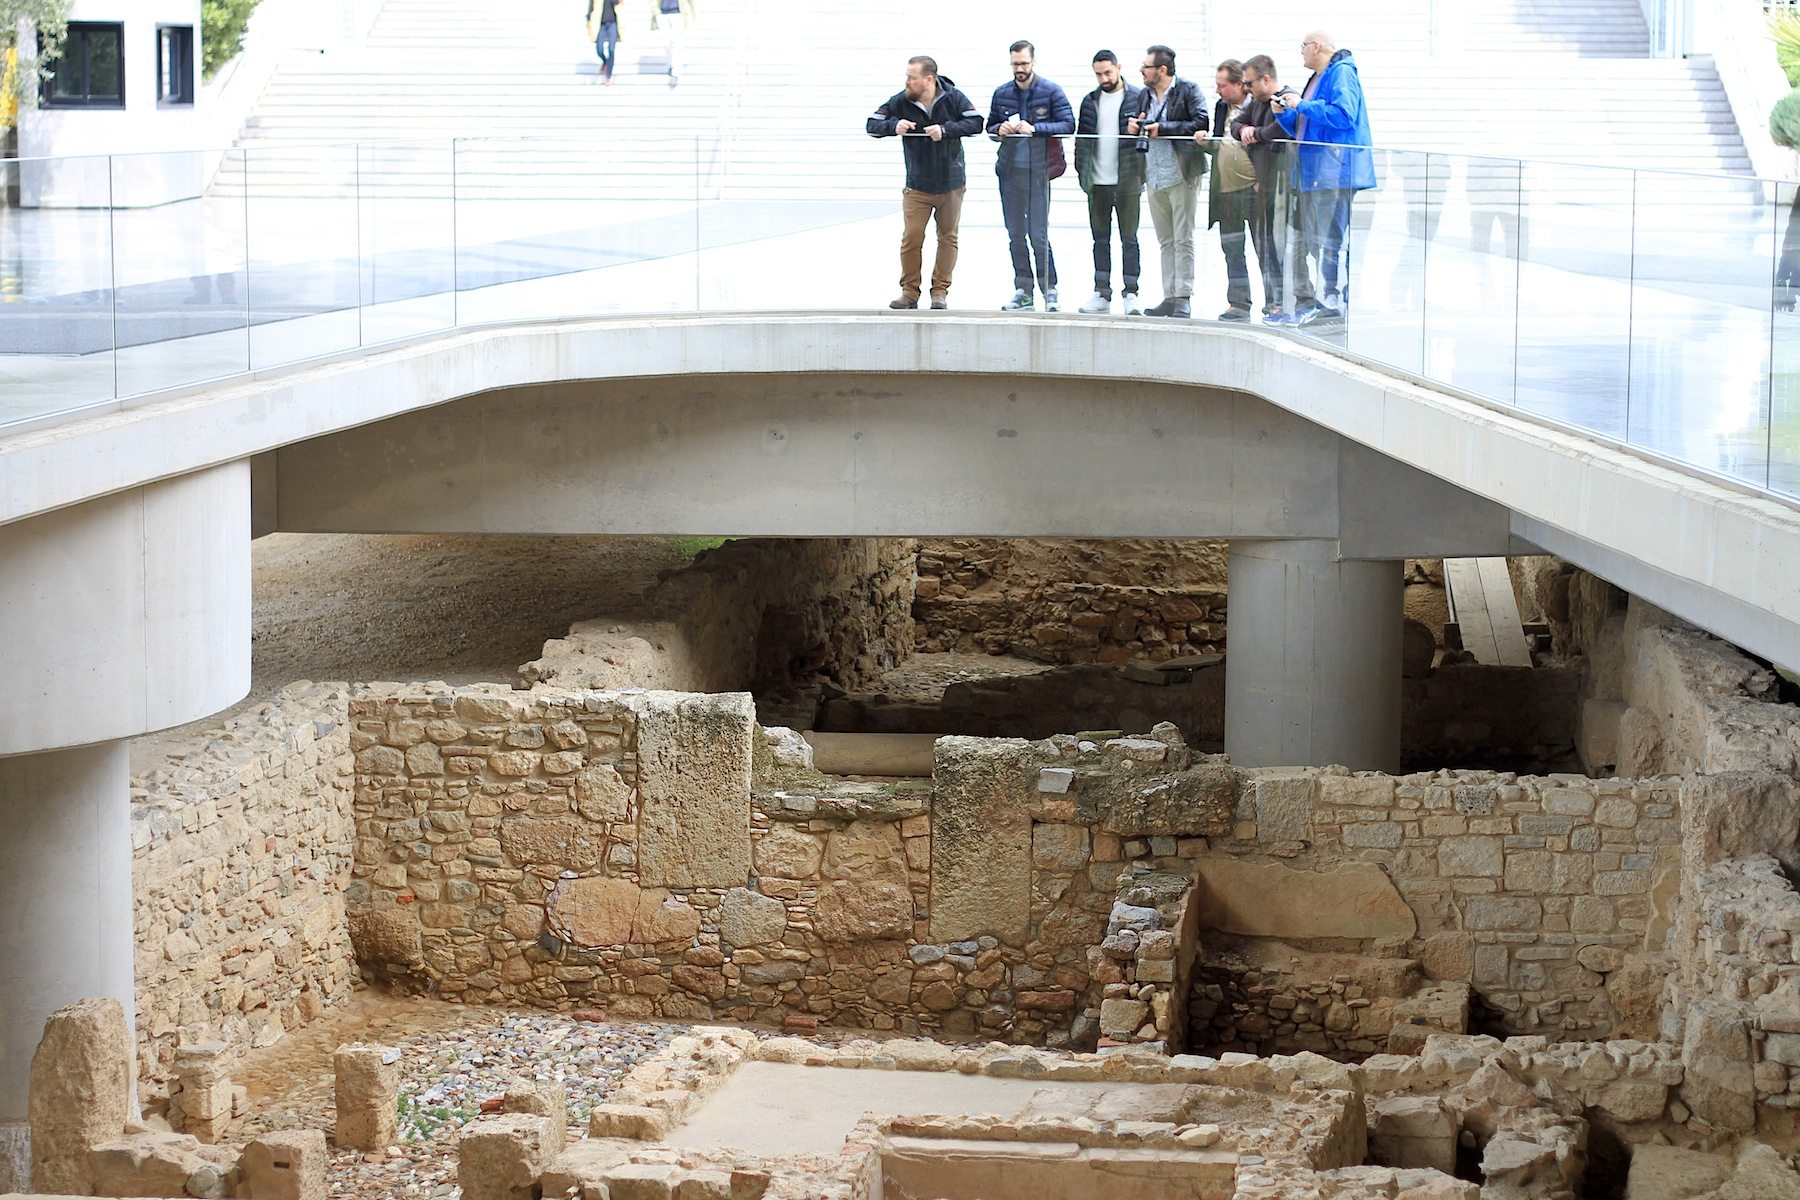 Schwebend.  Das gesamte Gebäude, nicht nur wie hier an der Eingangsrampe, schwebt über der gewaltigen Grabungsstätte eines antiken Stadtbezirks.